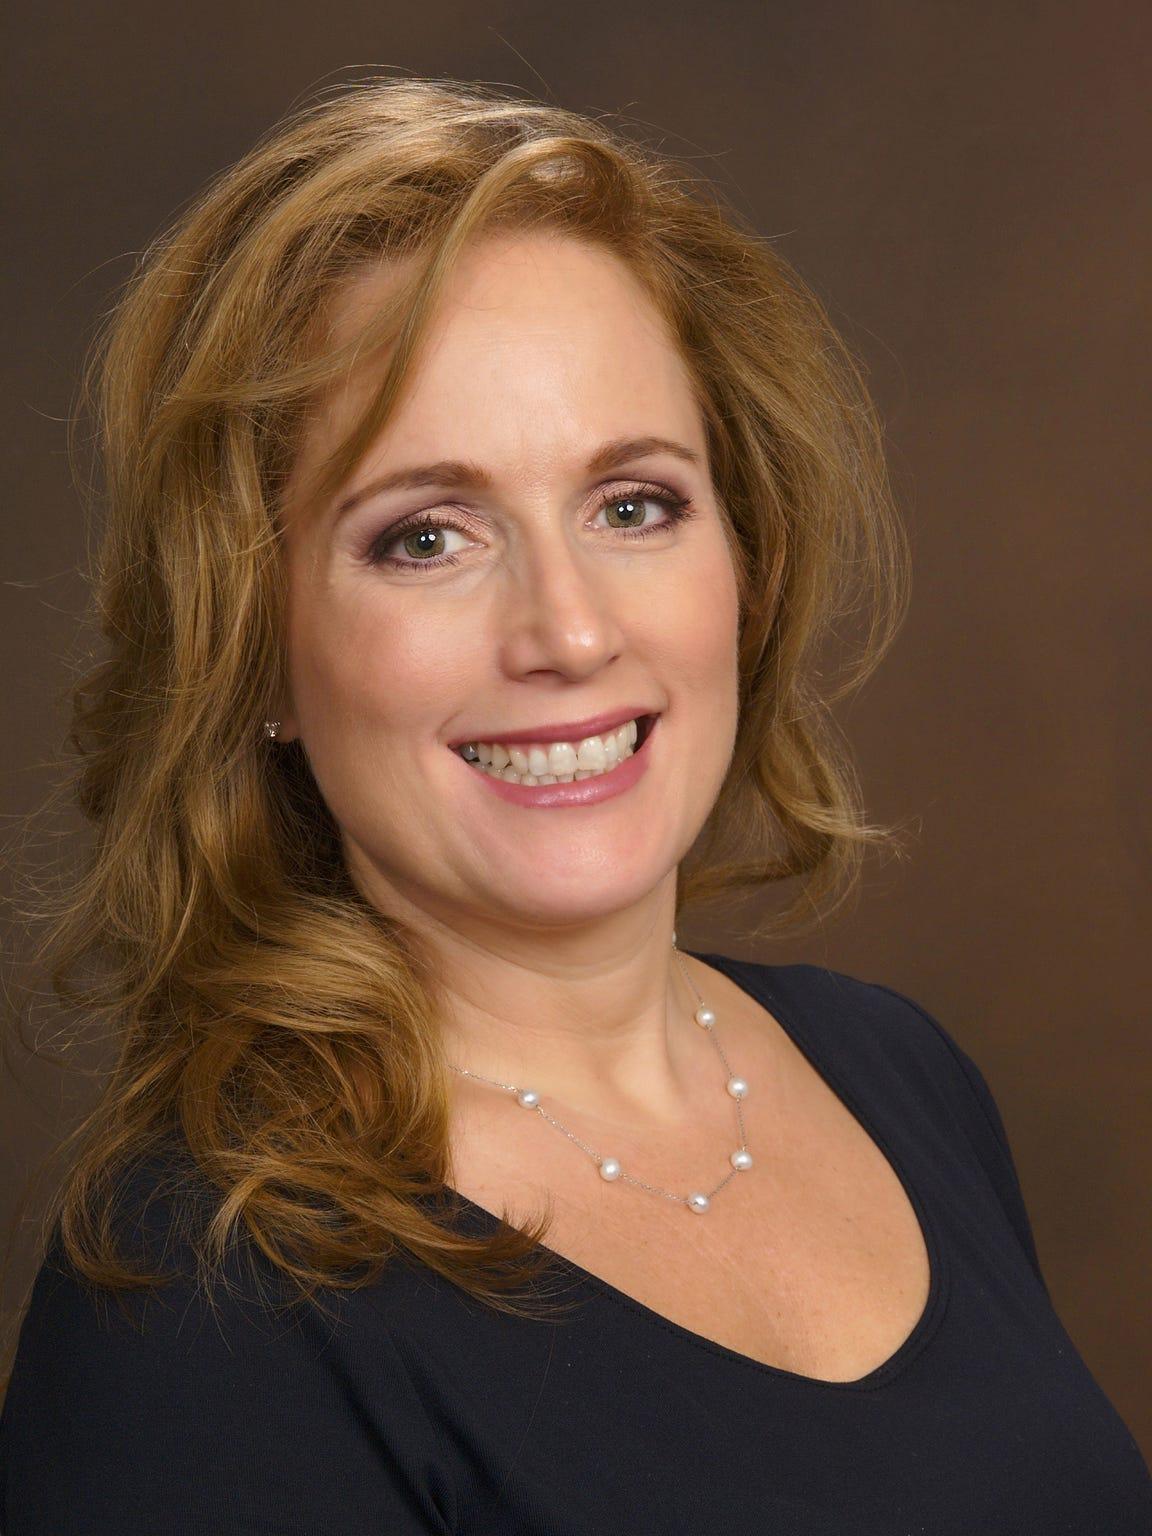 Teresa Sievers